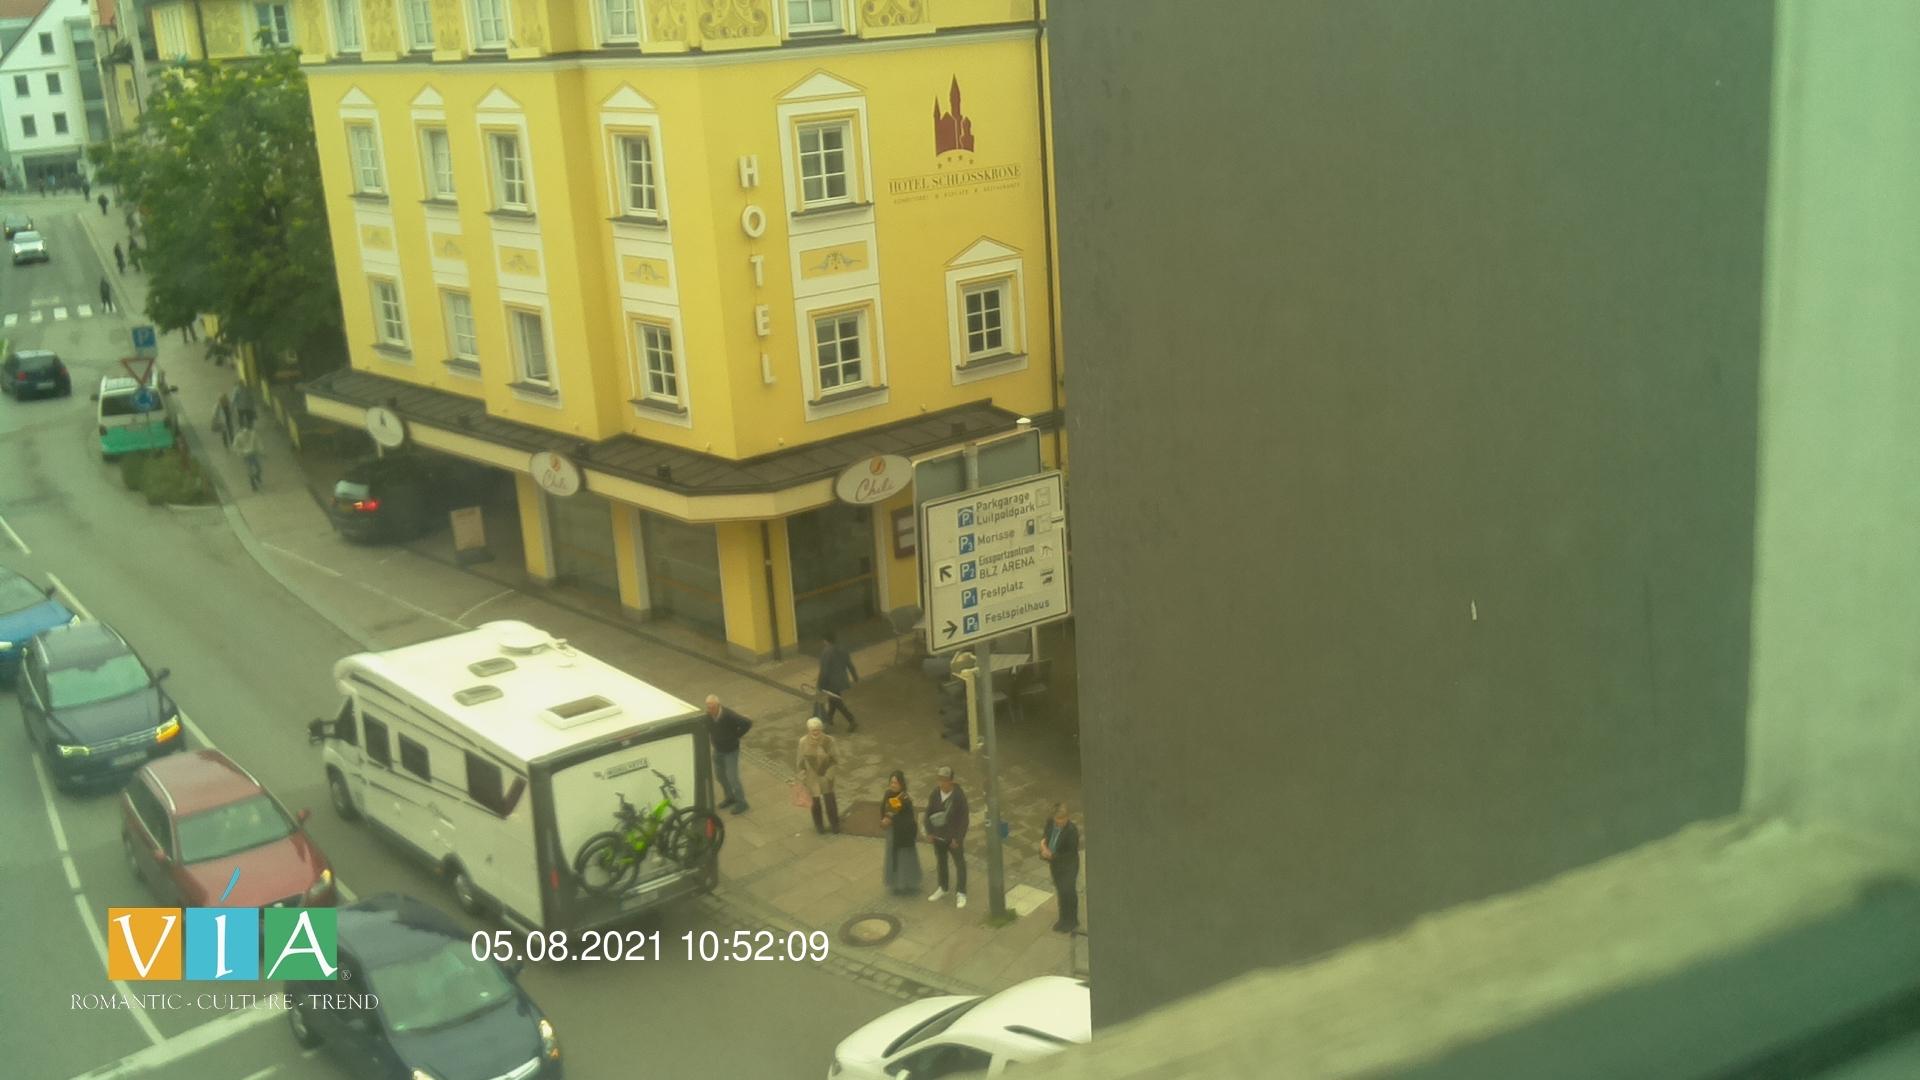 Webcam mit Blick auf das Hotel Sonne Füssen